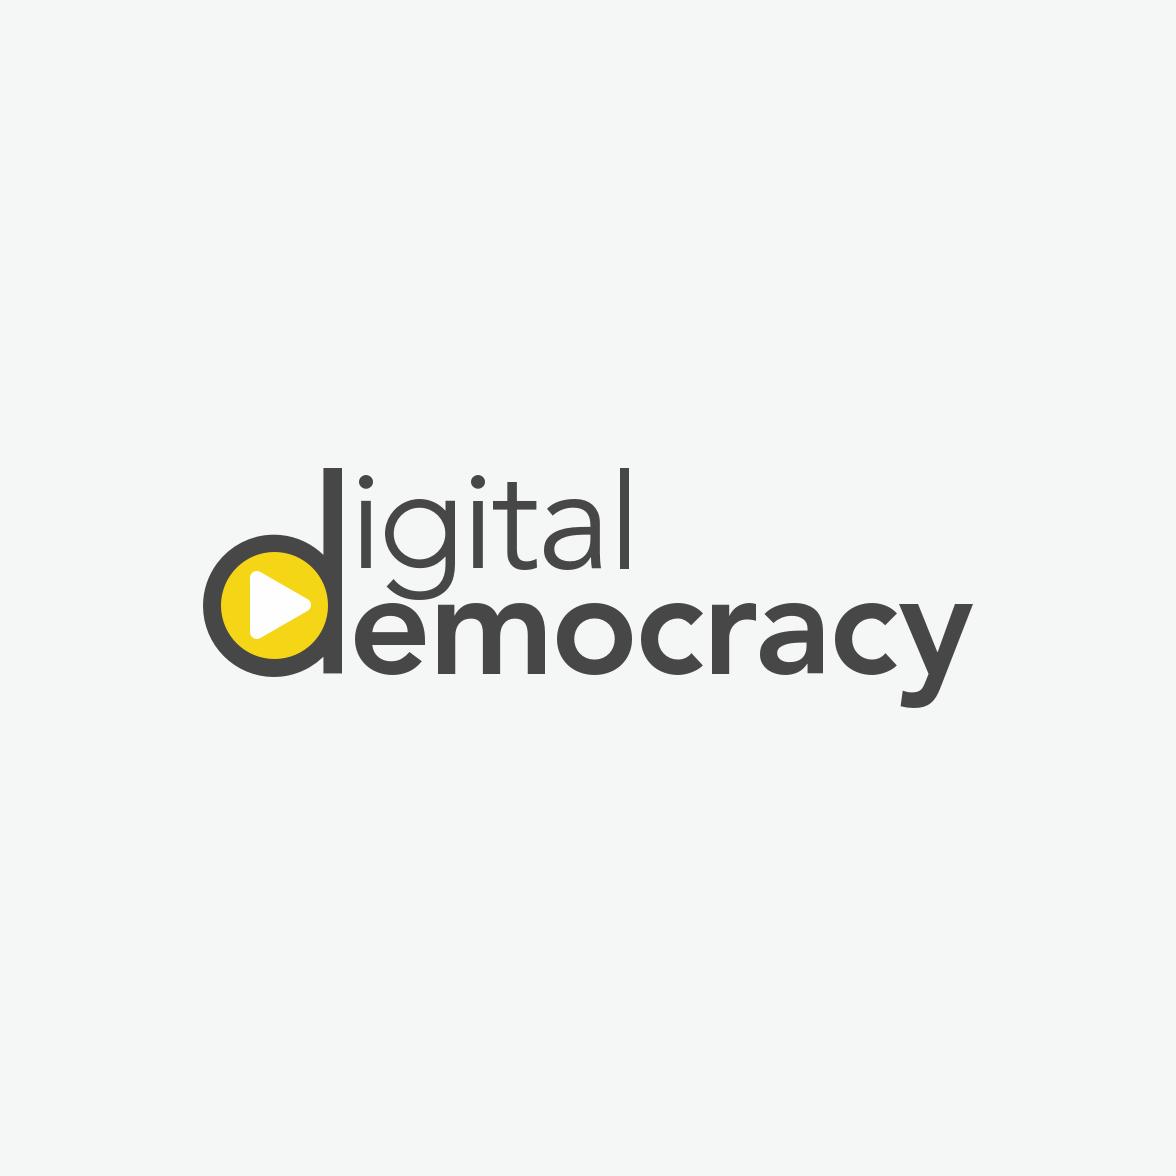 Digital Democracy Logo